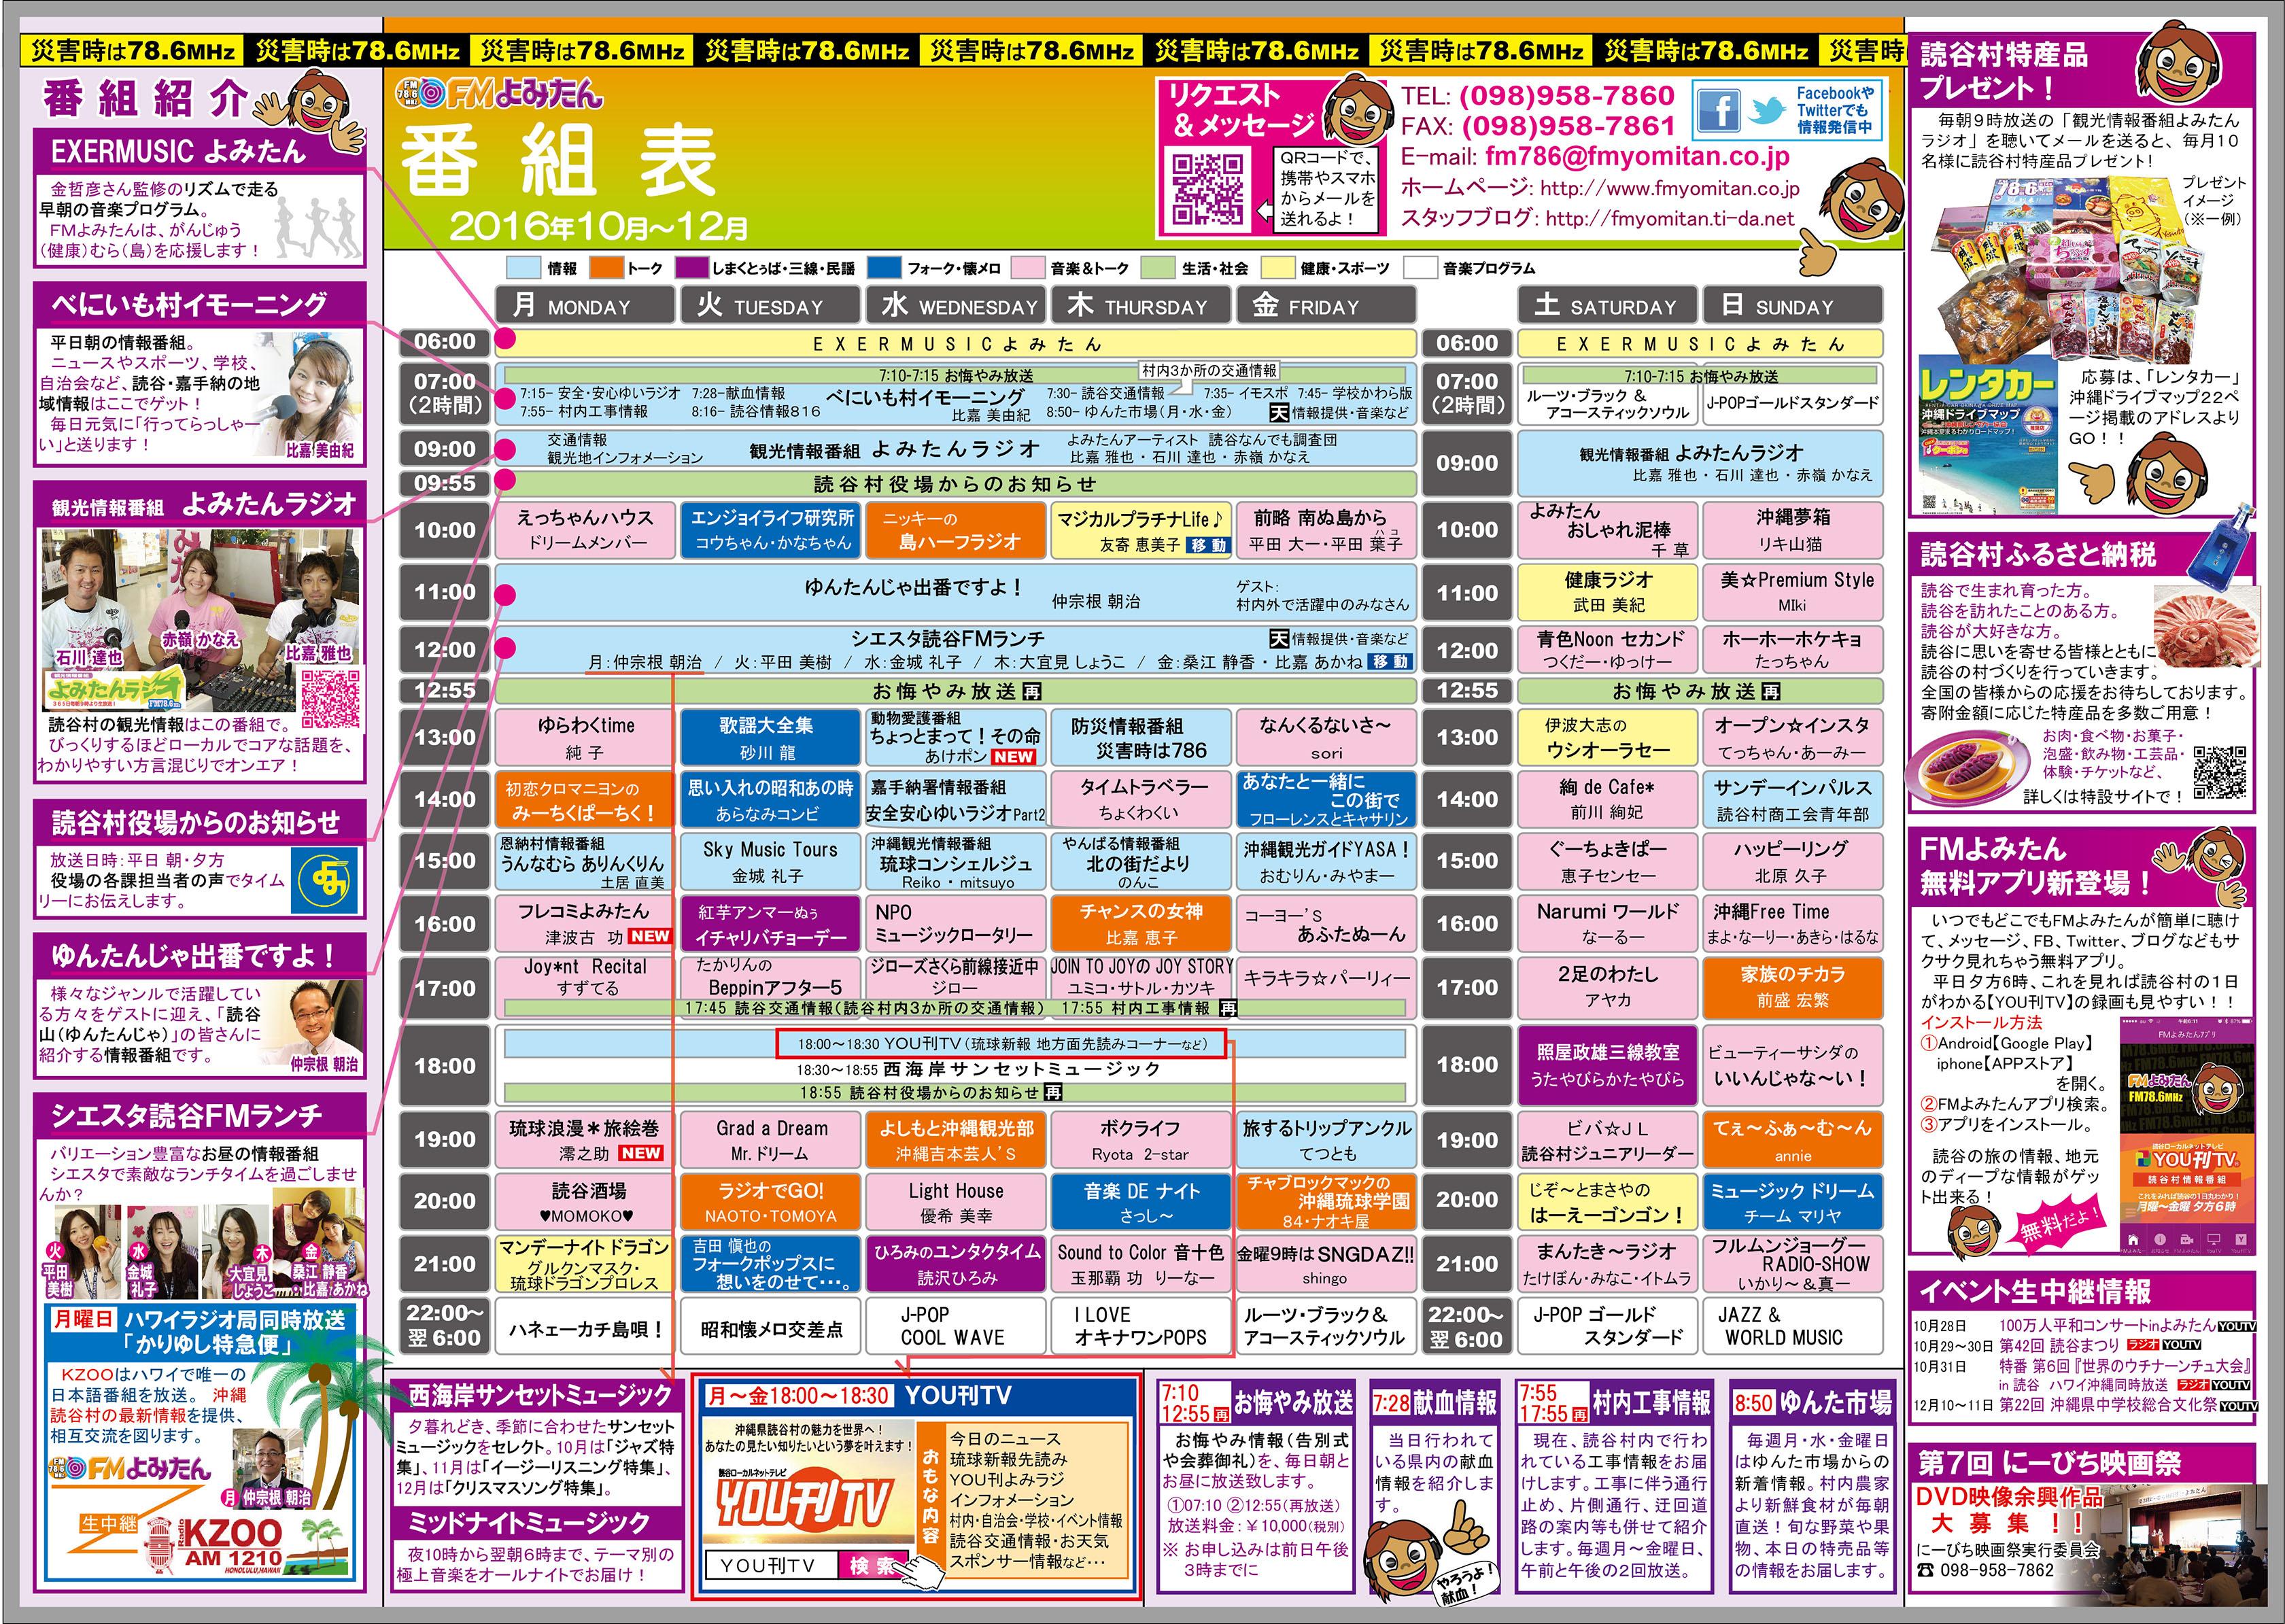 12号A3二つ折り_裏(内側)1-4